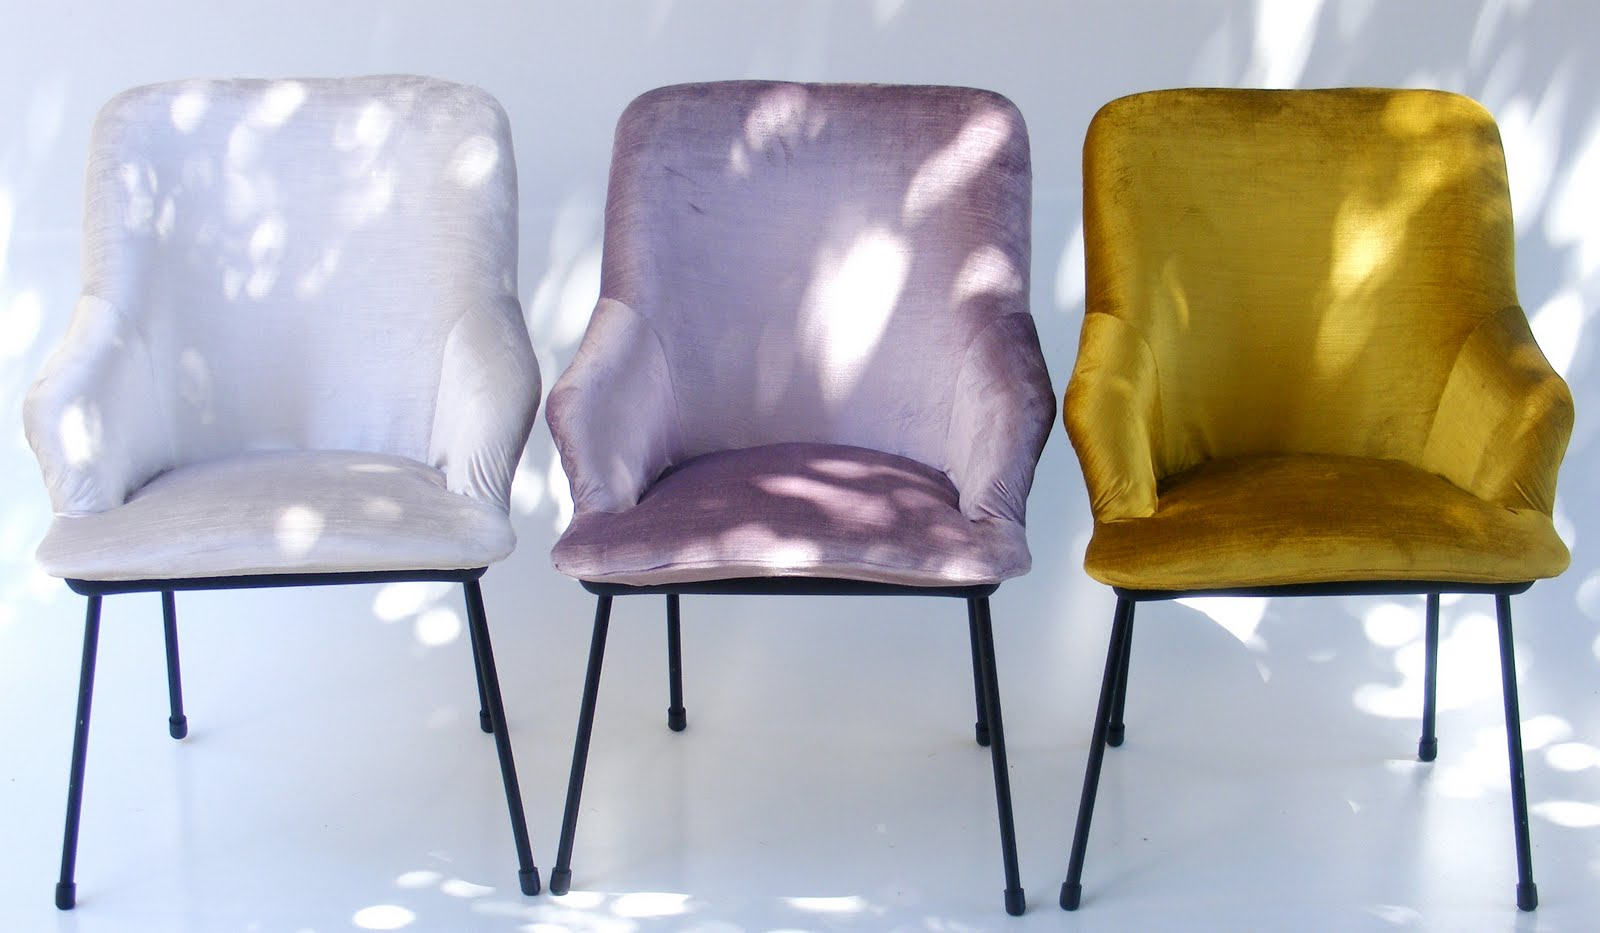 vamp furniture june 2011. Black Bedroom Furniture Sets. Home Design Ideas